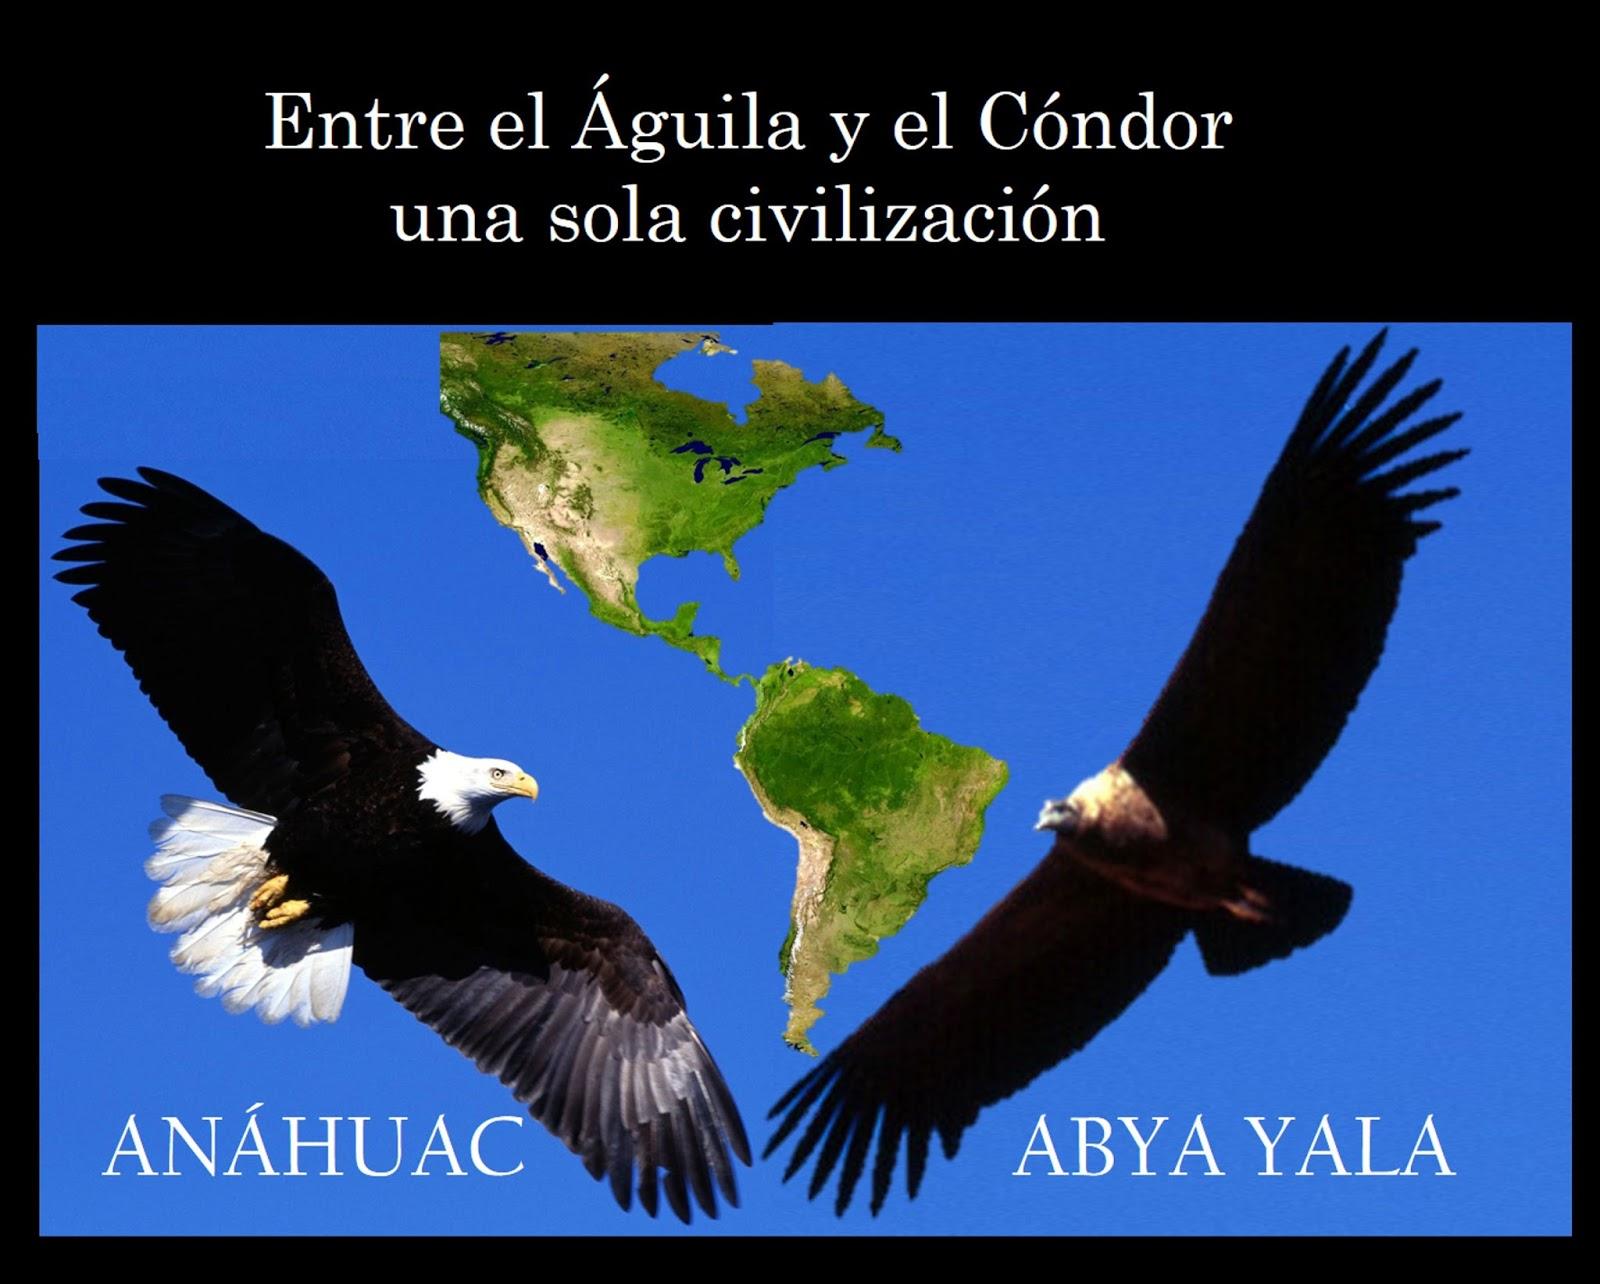 ANHAHUAC-TAWANTINSUYU<br>LA UNIDAD EN LA DIVERSIDAD CONTINENTAL